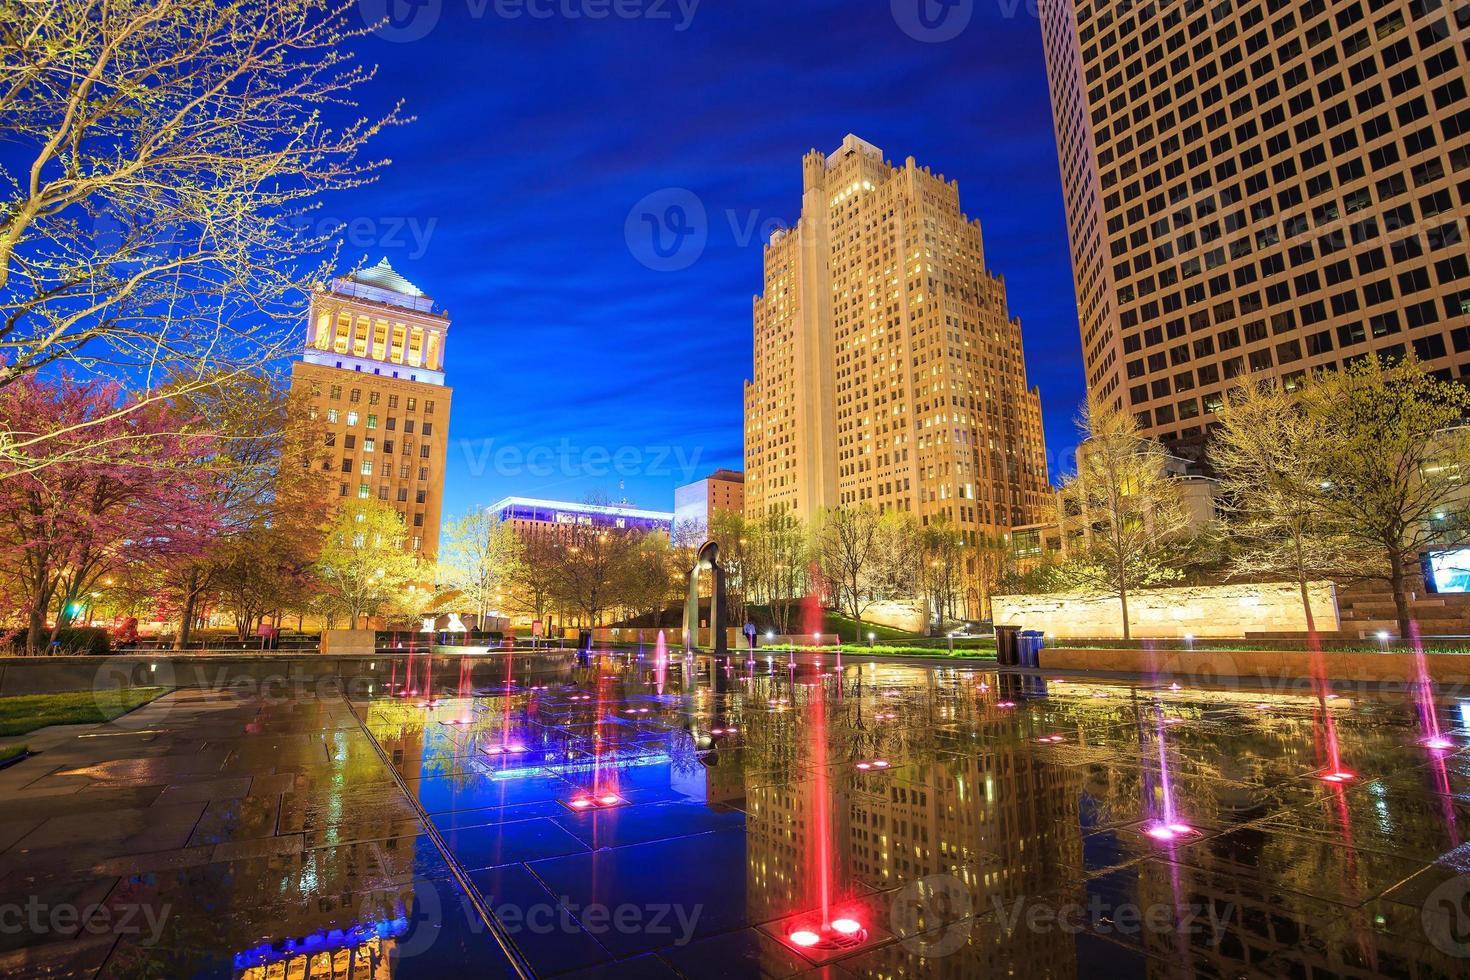 openbare stadstuin in het centrum van st. Louis foto